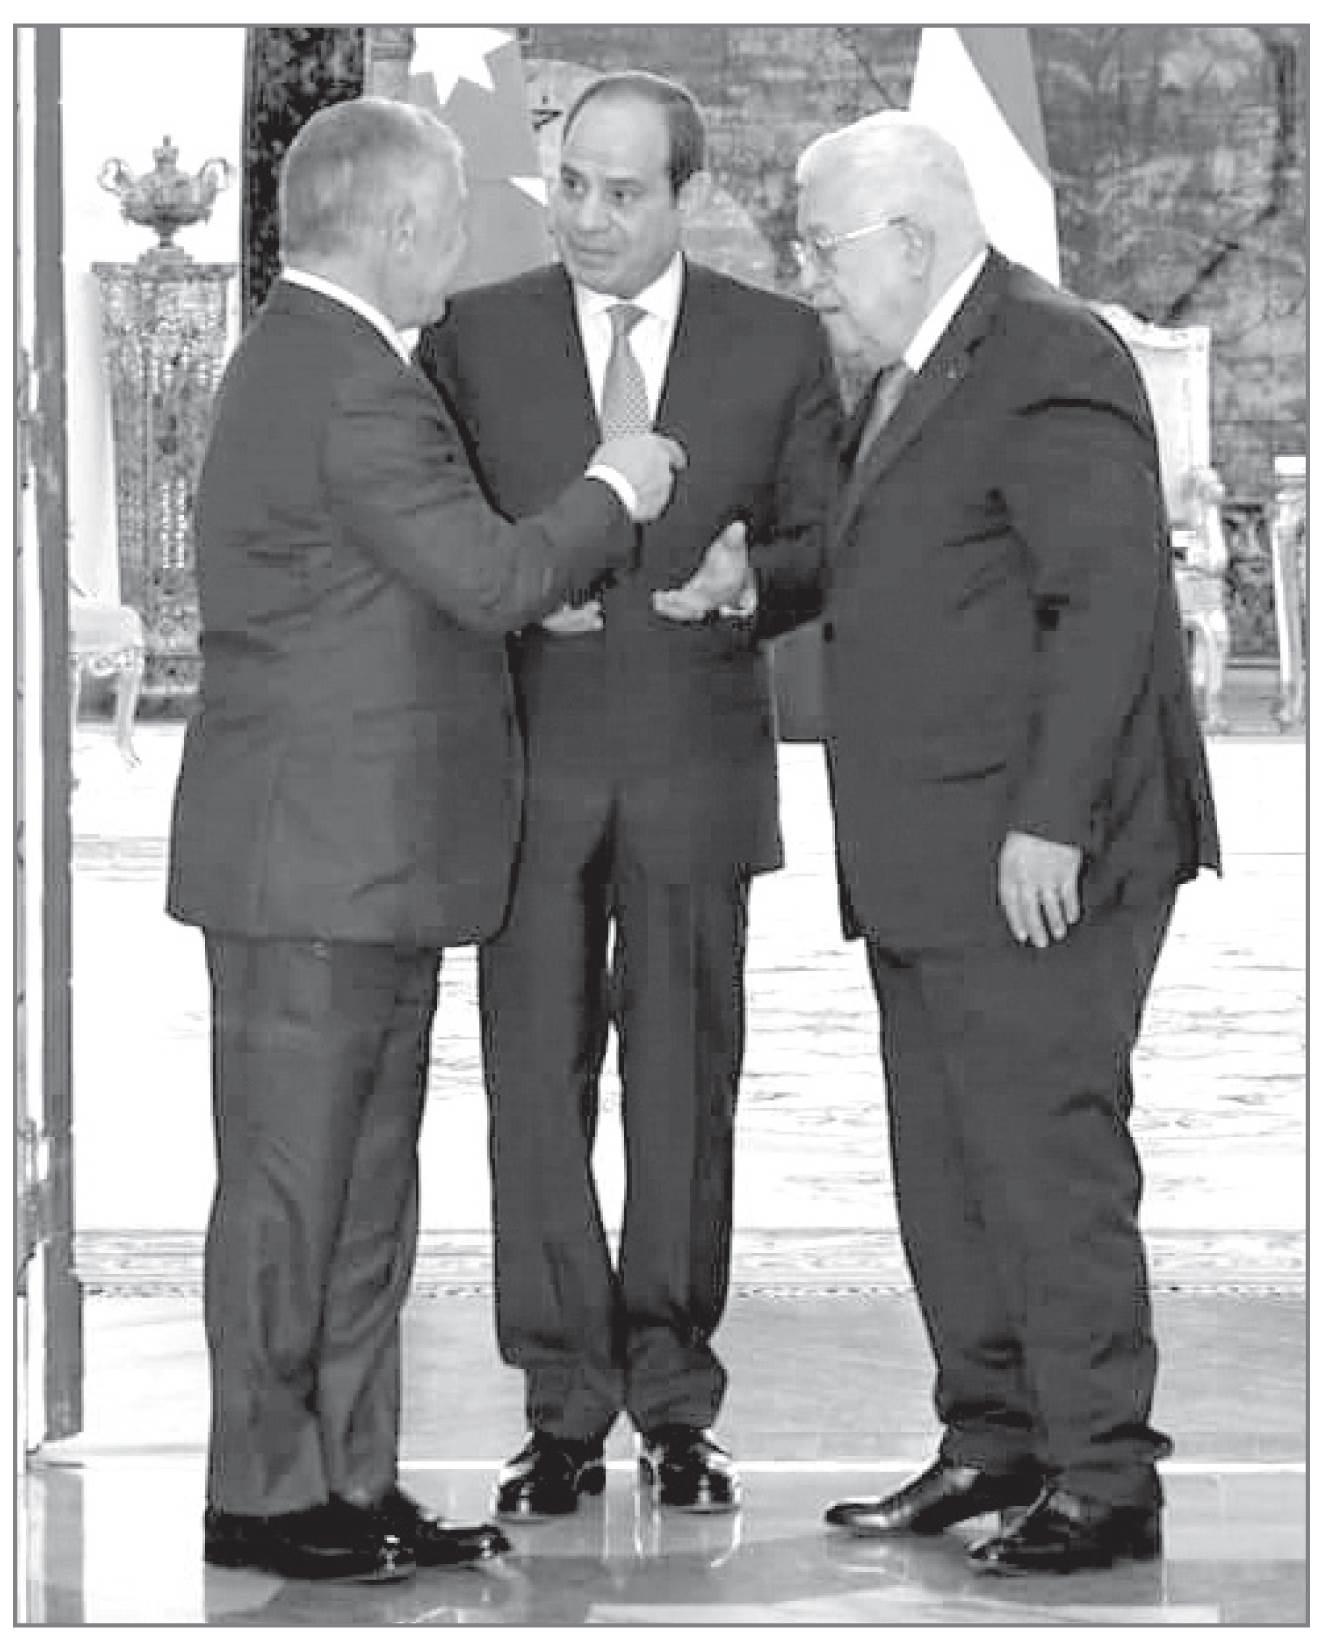 جهود مصر مستمرة تجاه كل ما يتعلق بالقضية الفلسطينية